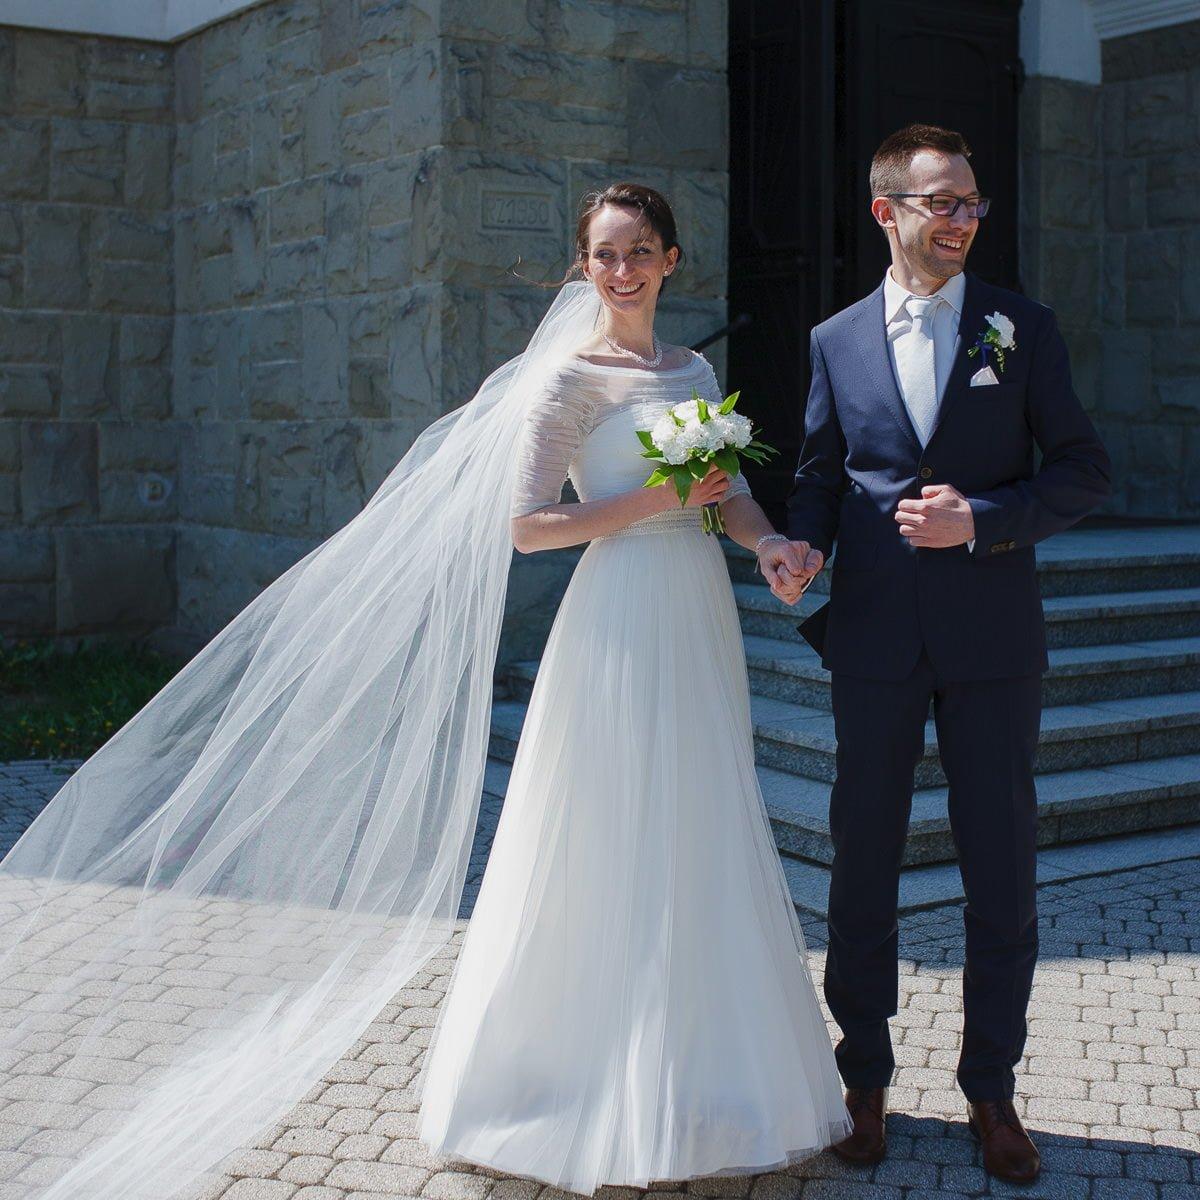 fotograf slub bielsko biala ania maciej 40 - Ślub w Bielsku-Białej - ANIA & MACIEJ